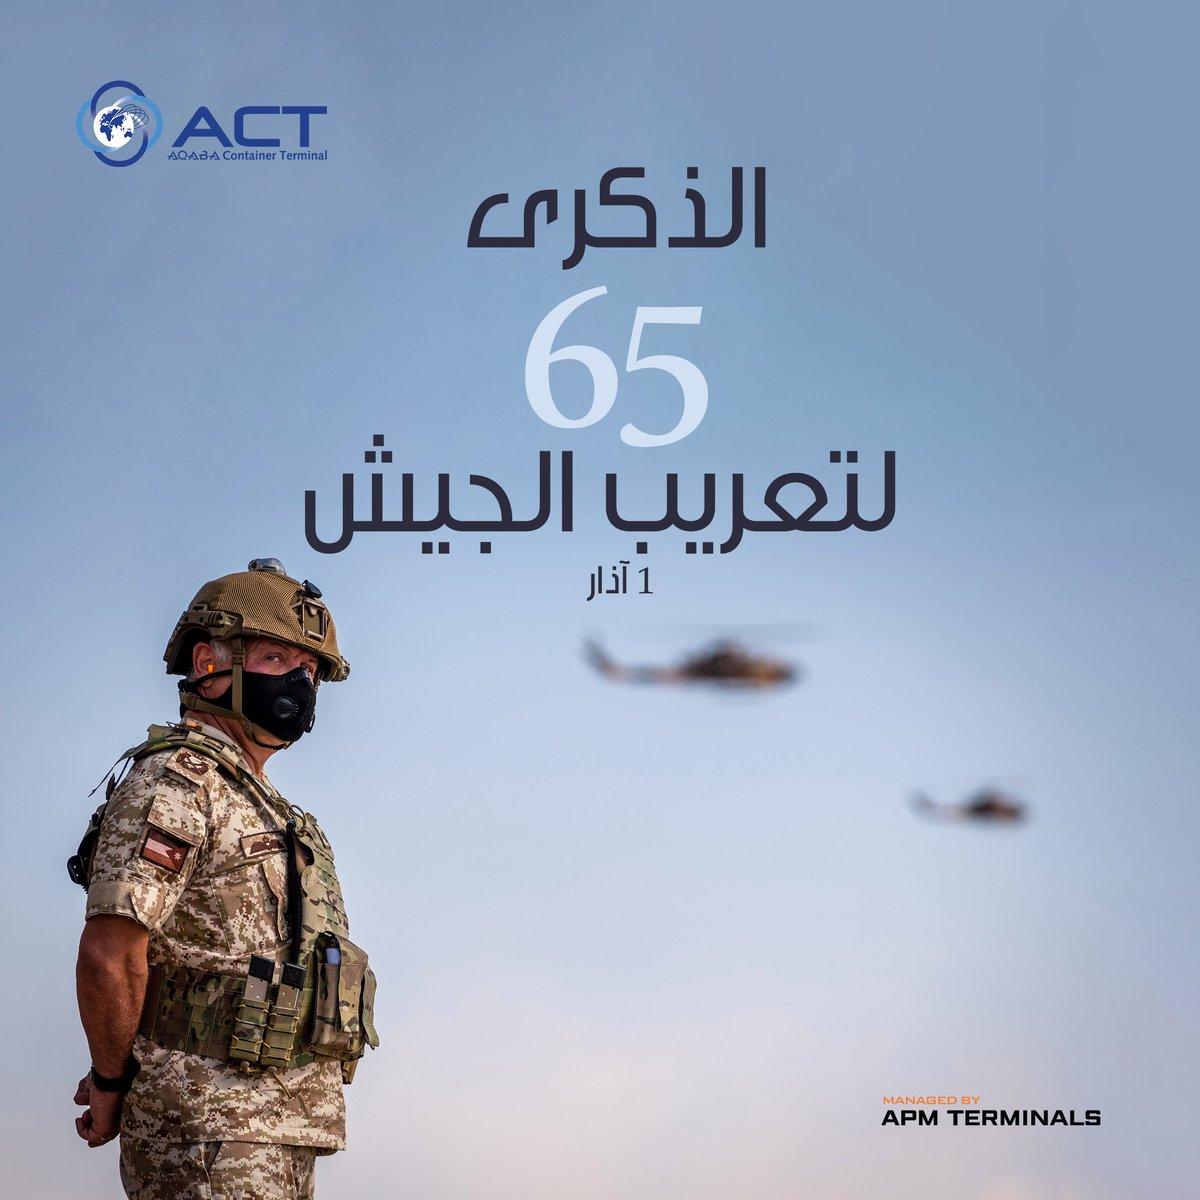 في الذكرى 65 لتعريب الجيش نستذكر اروع معاني التضحية و البطولة لجيشنا العربي المصطفوي الذي  سطر بدماء شهدائه الزكية على ثرى الاردن,حمى الله الاردن قيادةً وشعباً .  #تعريب_الجيش #تعريب_قيادة_الجيش_65 #الأردن #Amman #Jordan #ACT #aqaba #aqabacontainerterminal #حب_الاردن #العقبة